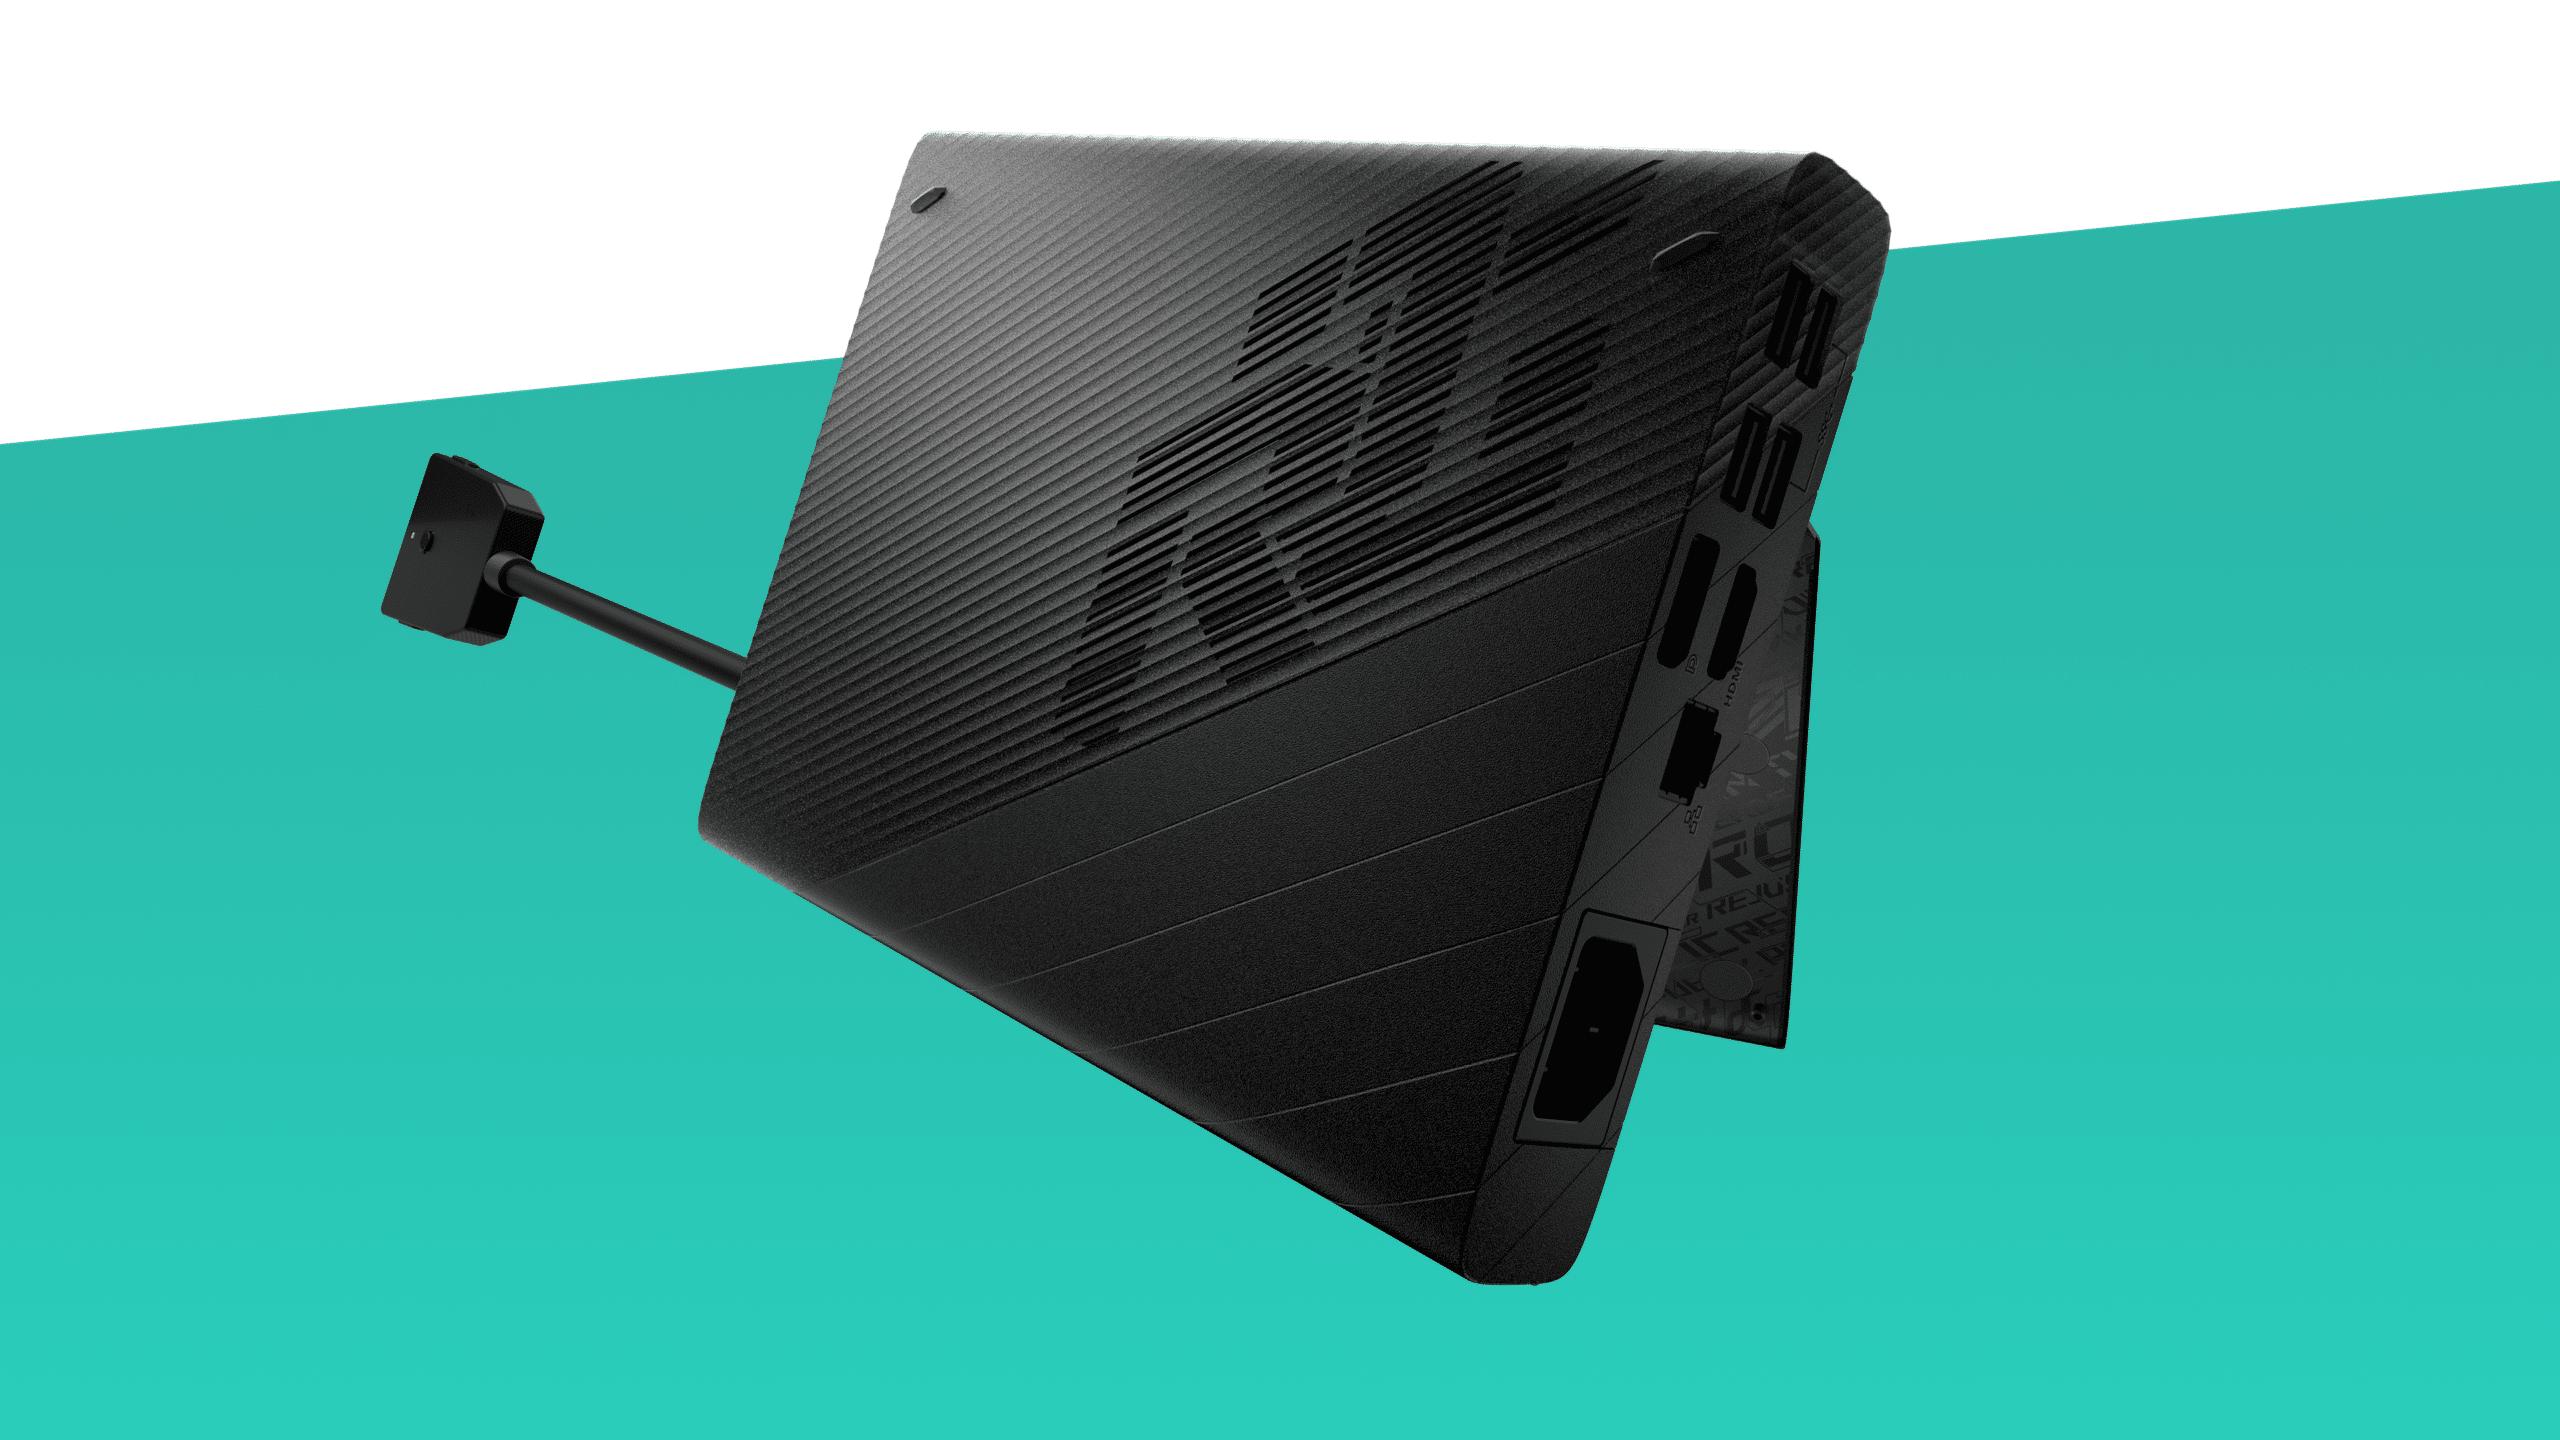 Productfoto van de Asus ROG XG Mobile eGPU, bedoeld als versterking voor de ROG Flow X13-ultrabooks..